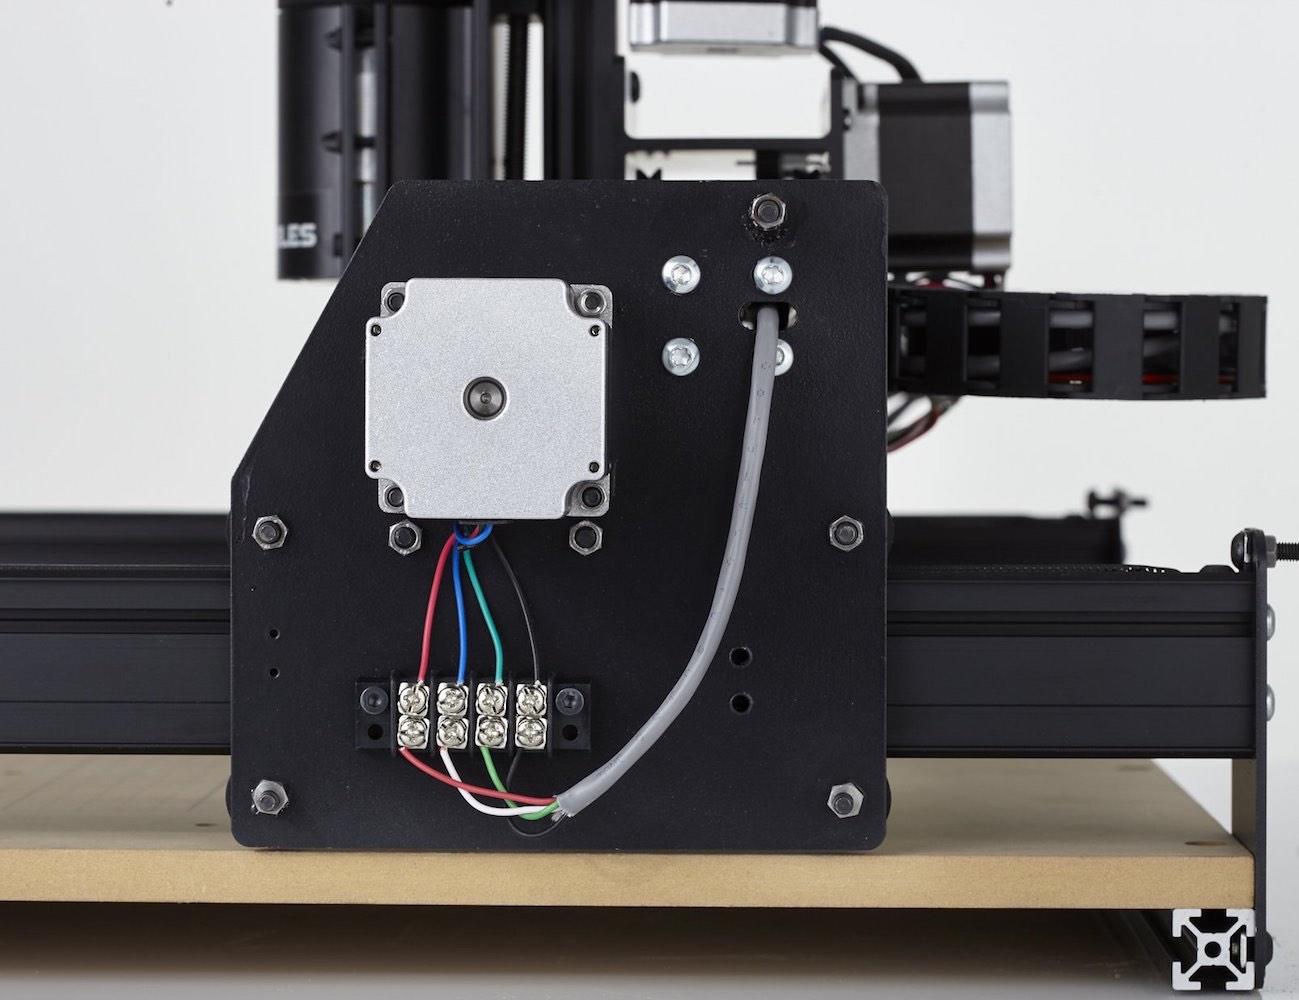 X-Carve Open Source CNC Machine